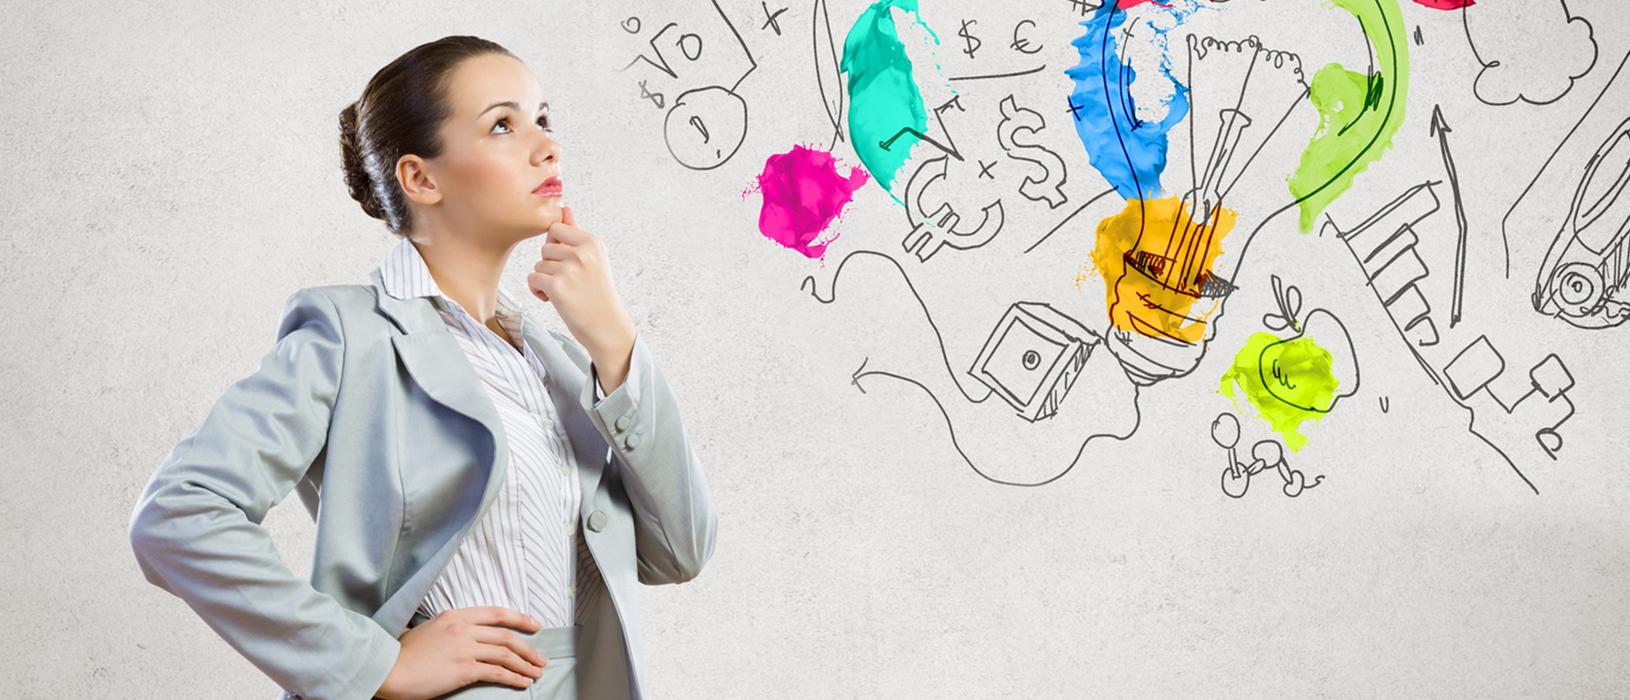 Jedes Unternehmen muss mit der Zeit gehen und regelmäßig das eigene Geschäft hinterfragen und weiterentwickeln. Diesen Prozess begleiten Business Development Manager. Foto: Fotolia